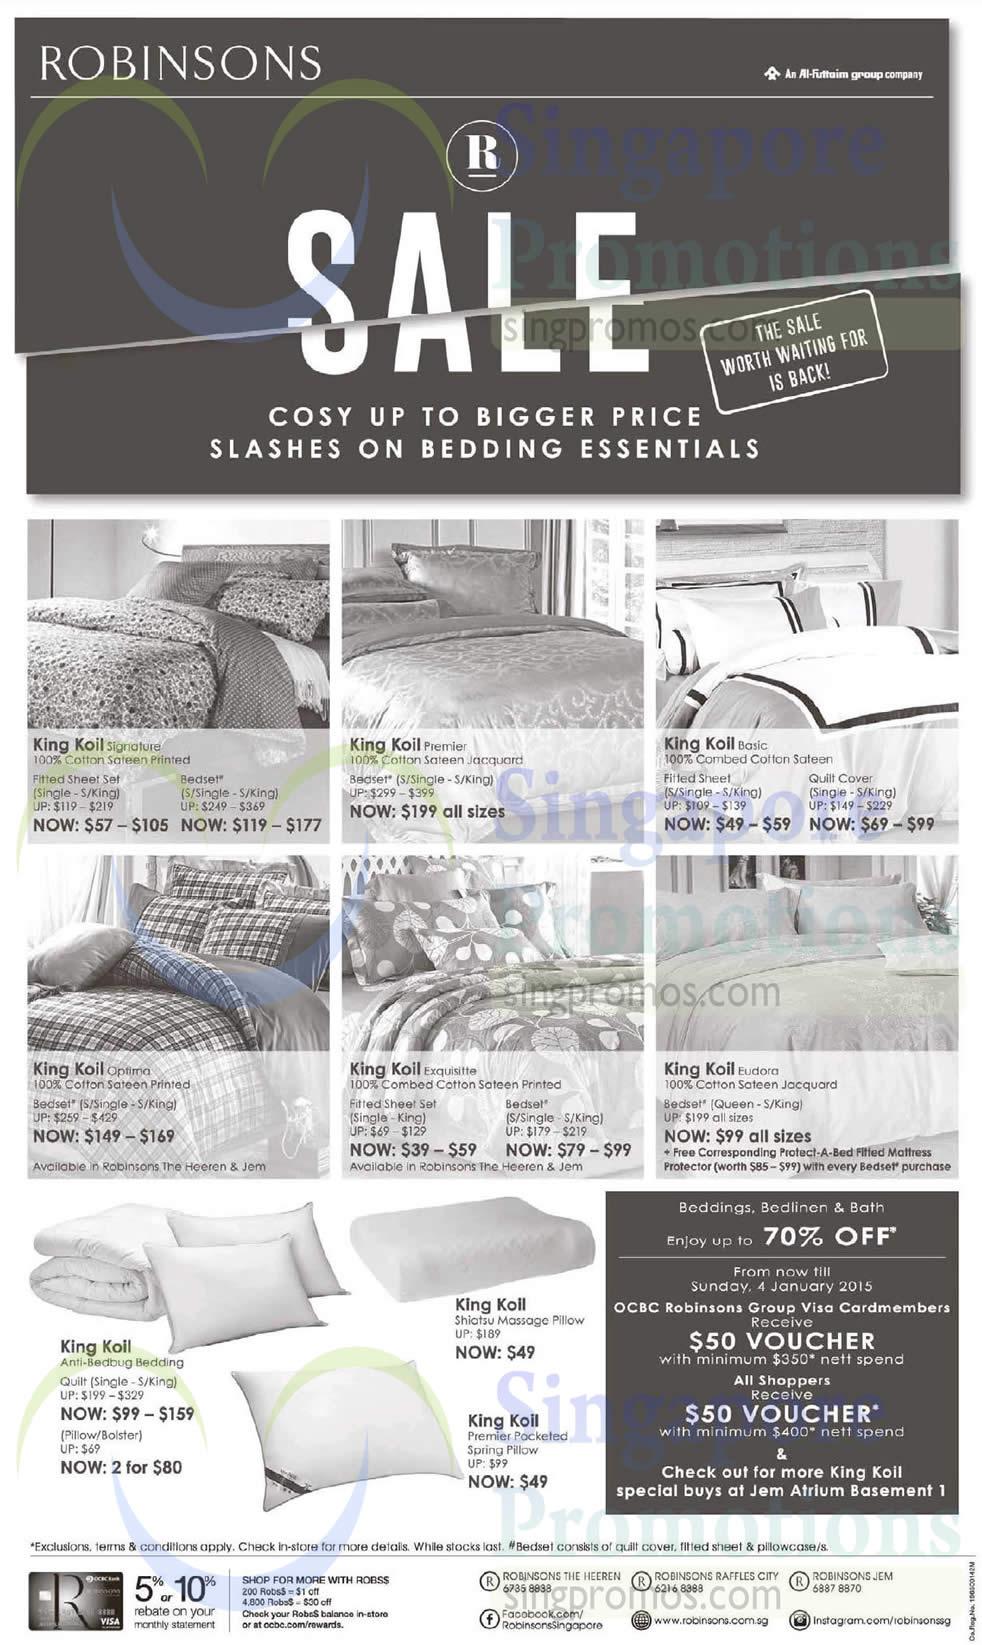 King Koil Bedding Essentials, Bedsheet Sets, Pillows